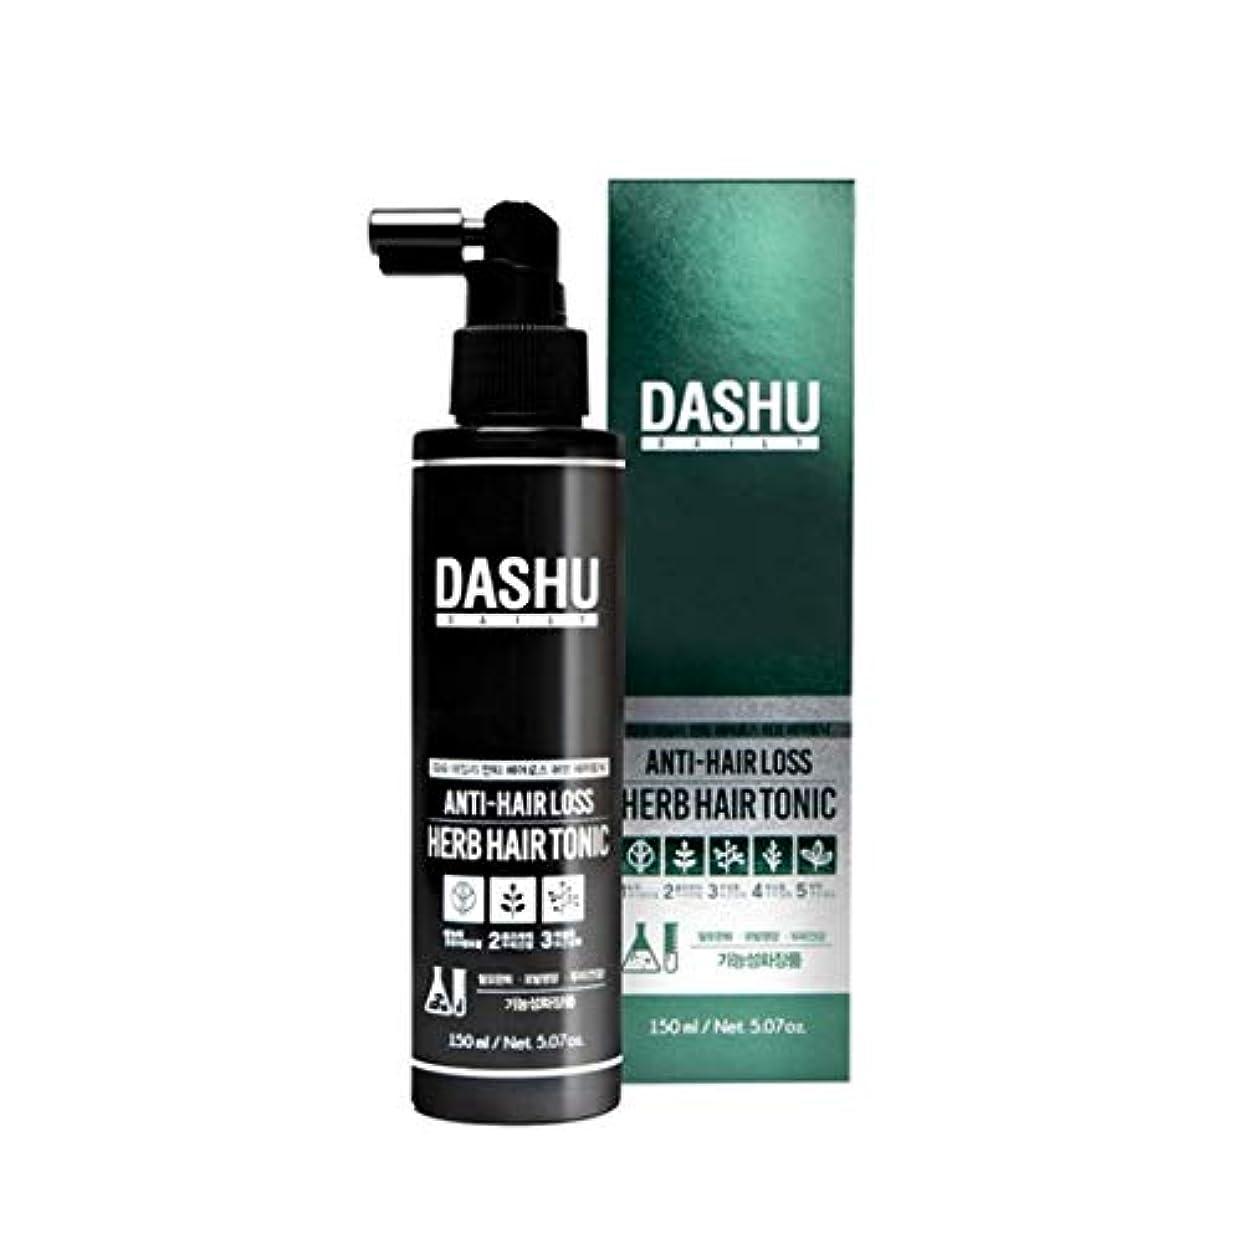 雪の容量今ダシュデイリーアンチヘアロスハブヘアトニック150ml韓国コスメ、Dashu Daily Anti-Hair Loss Herb Hair Tonic 150ml Korean Cosmetics {並行輸入品]